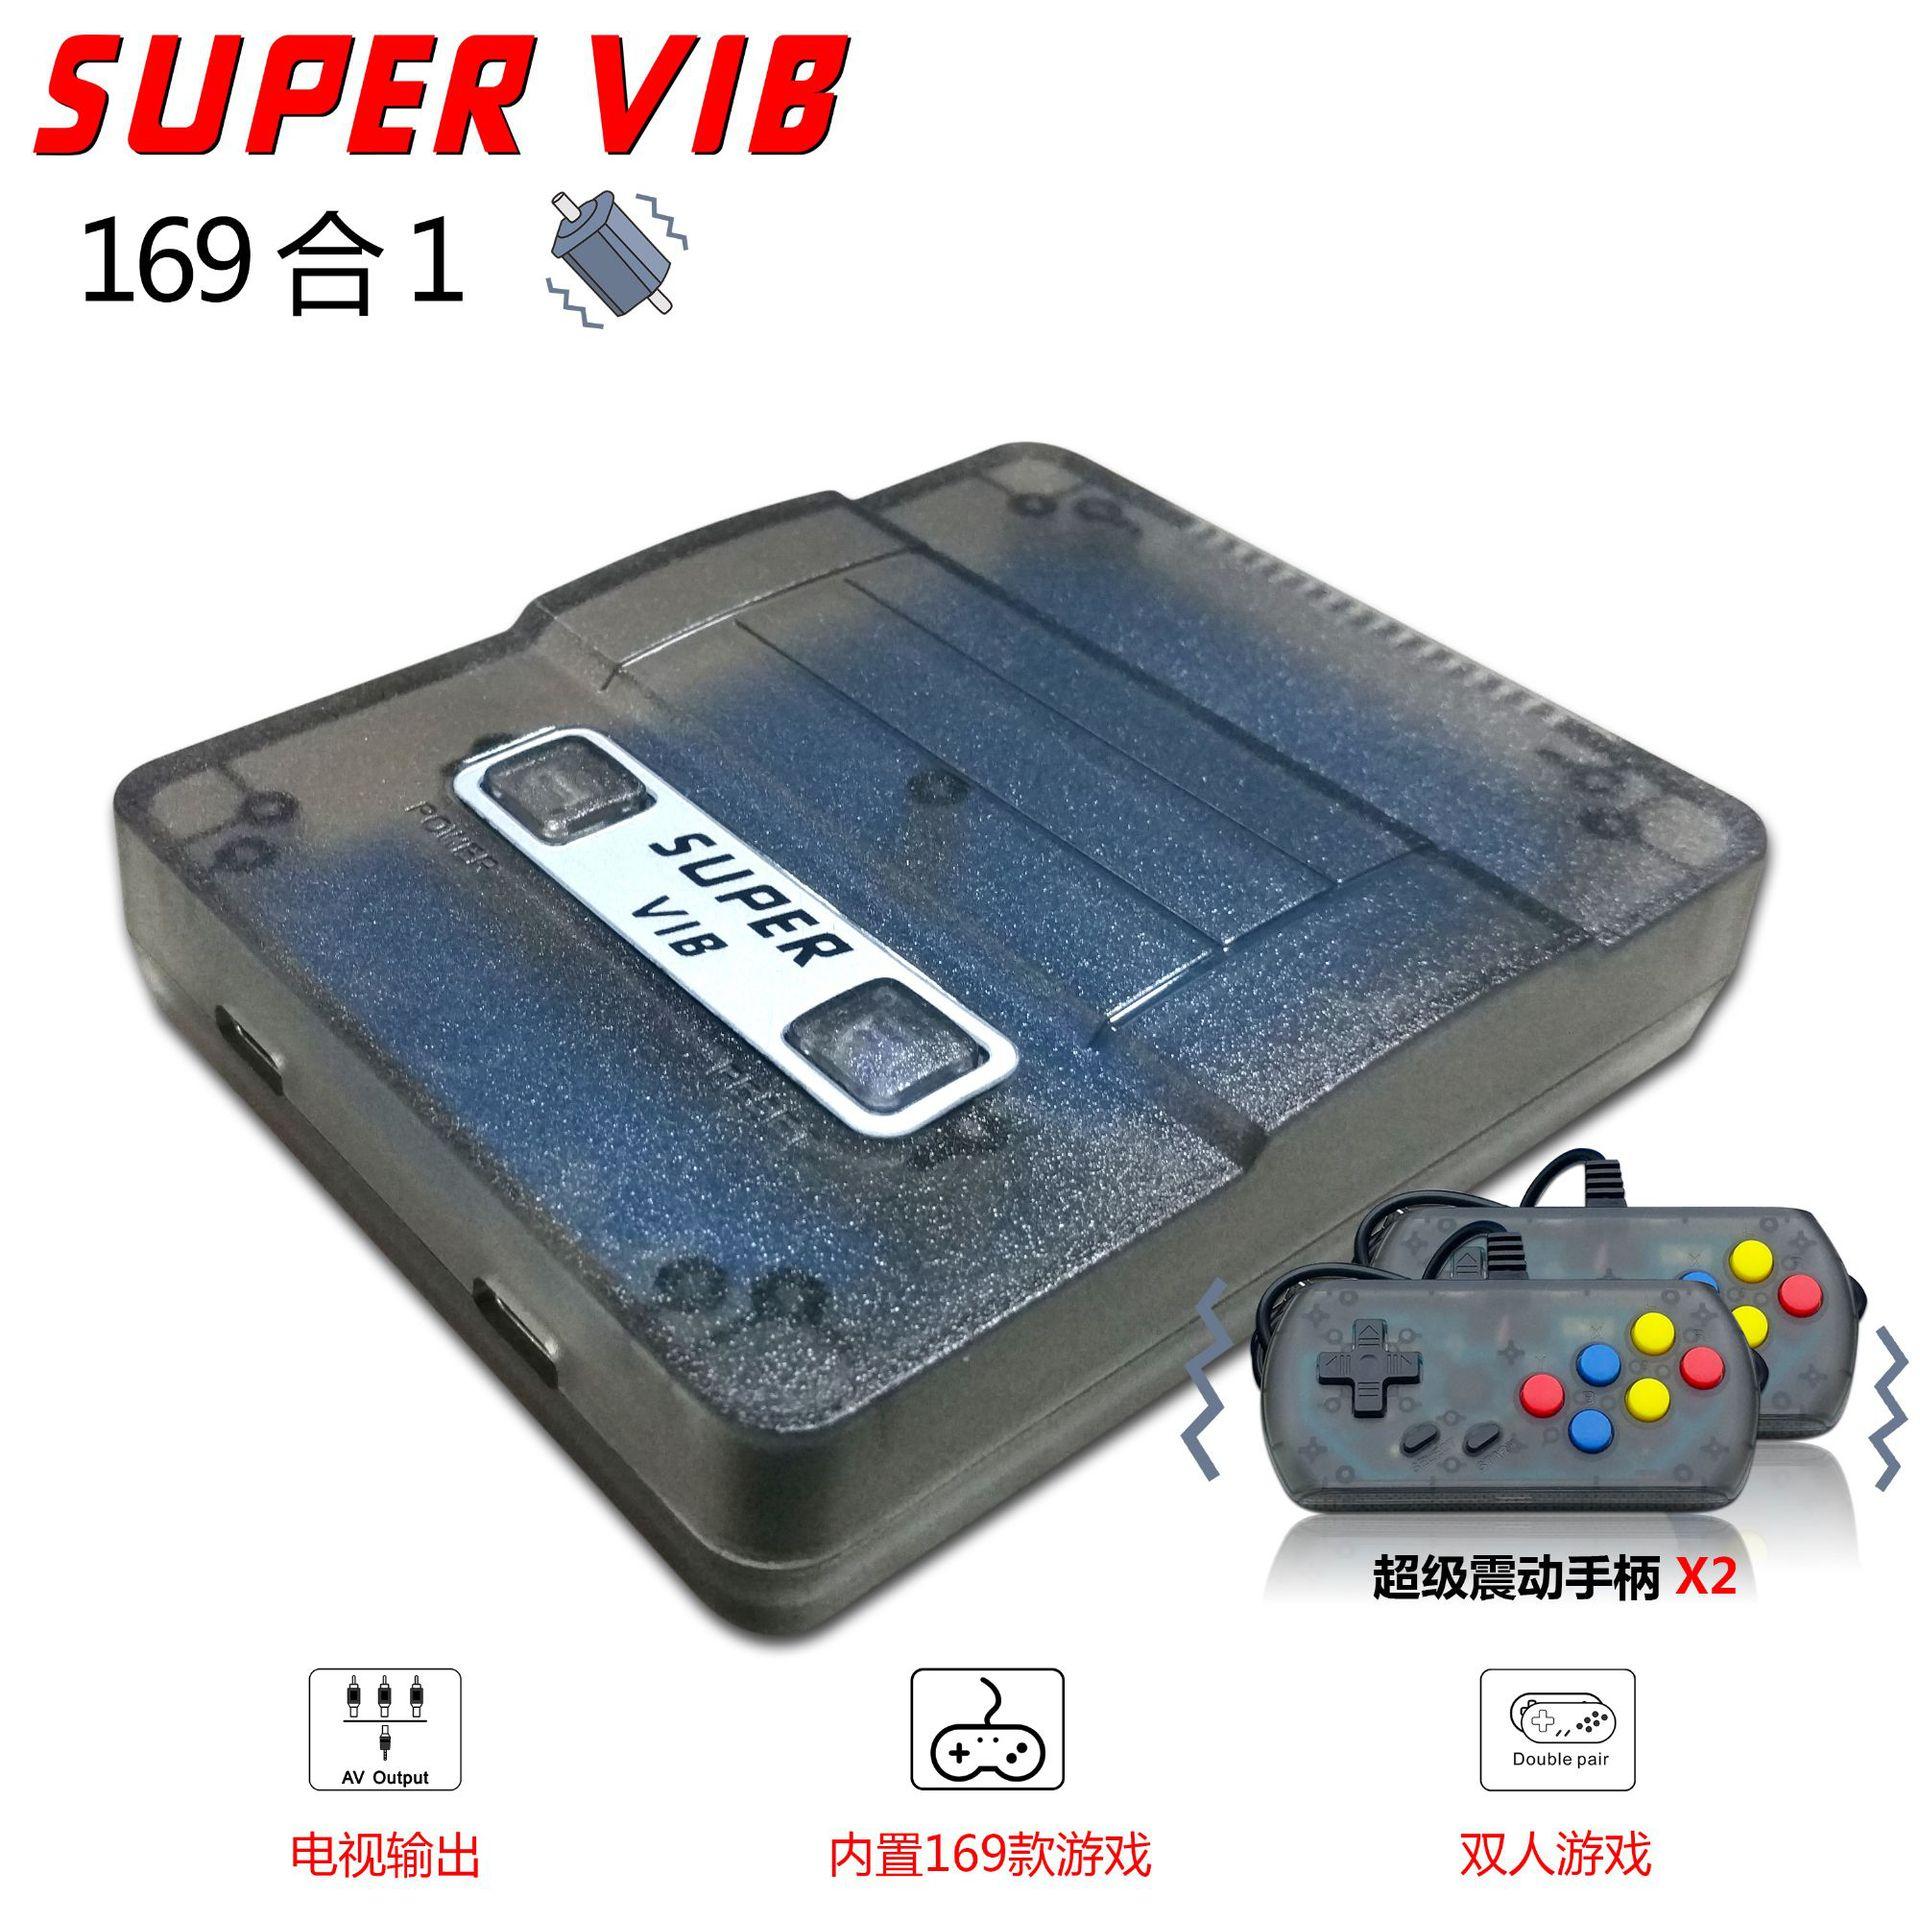 Consola de juegos de TV Super VIB 2019, consola de Video Retro de 8 bits con 169 juegos integrados para jugadores de juegos portátiles, Gamepad de doble vibración